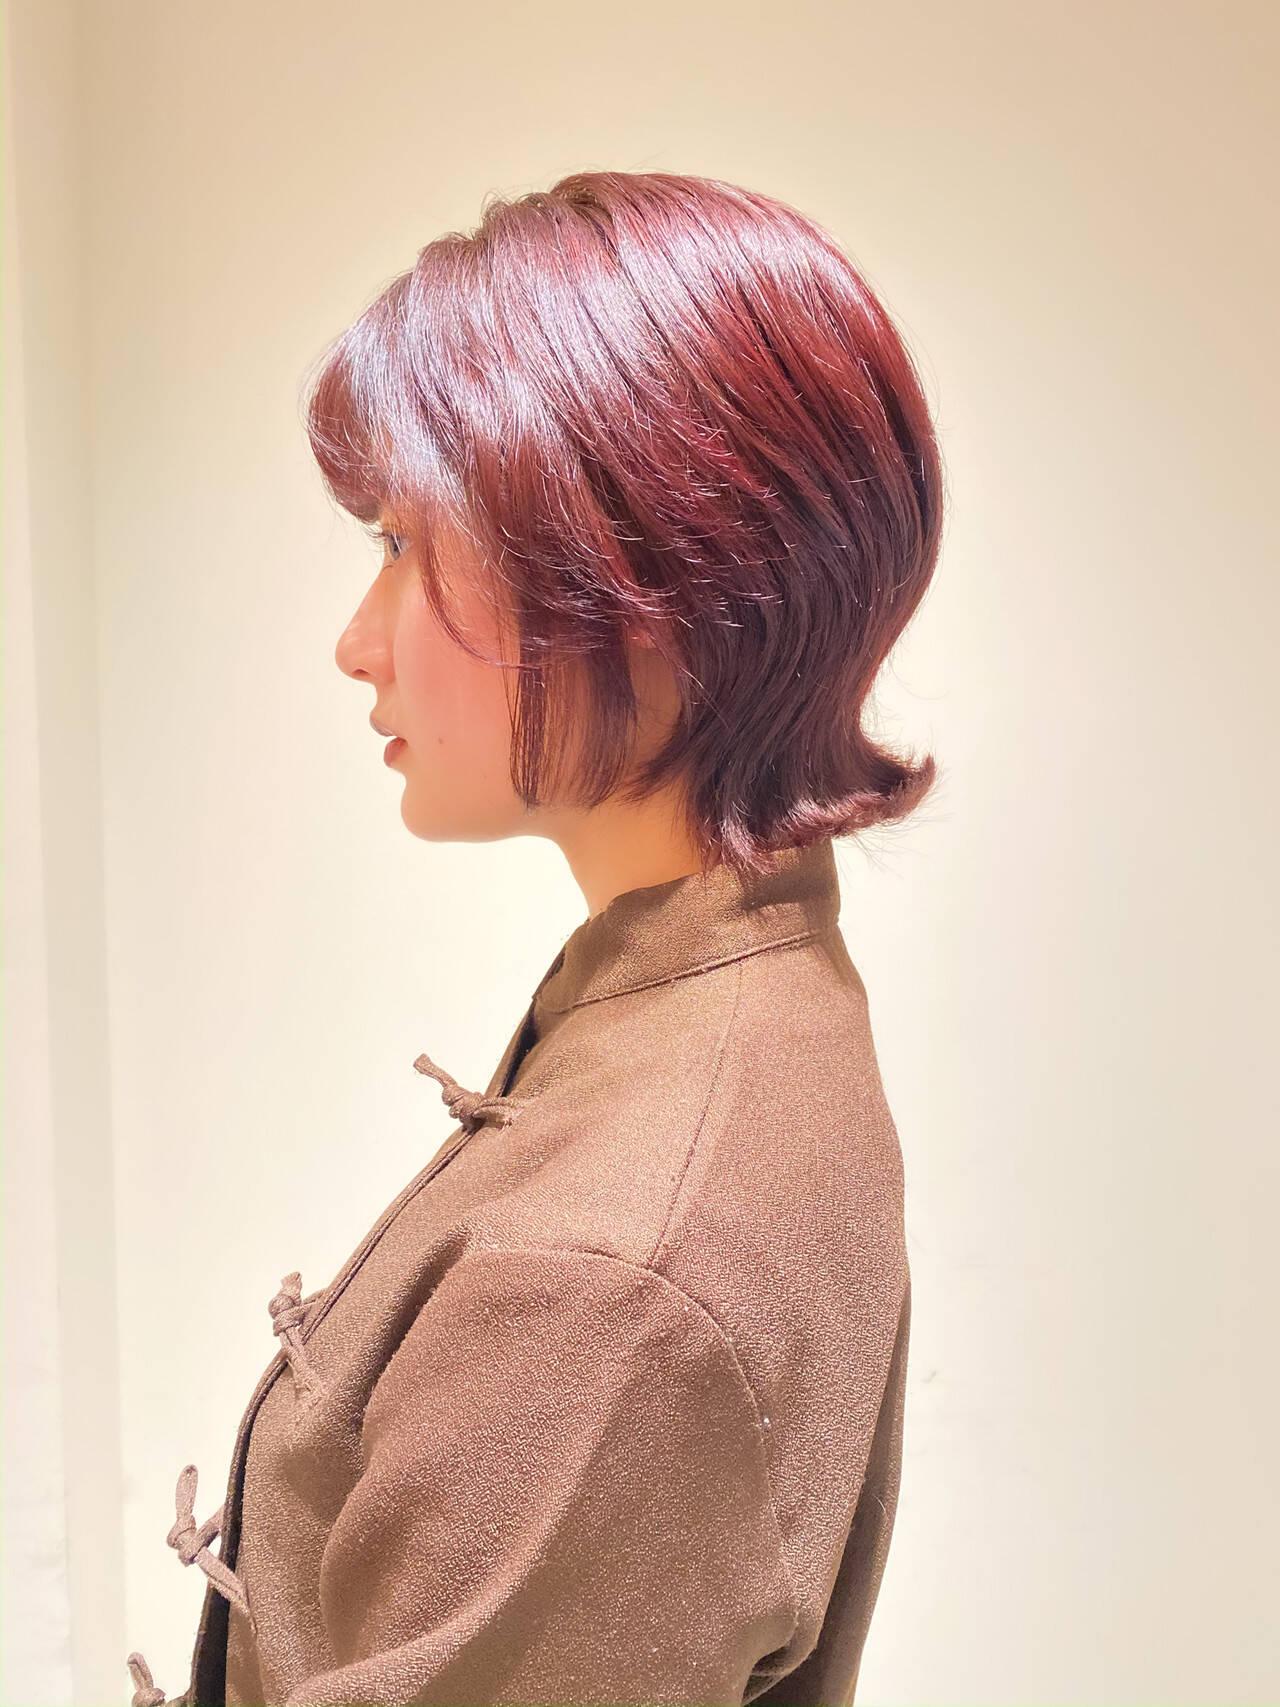 ウルフカット ショートヘア ショートボブ ピンクブラウンヘアスタイルや髪型の写真・画像